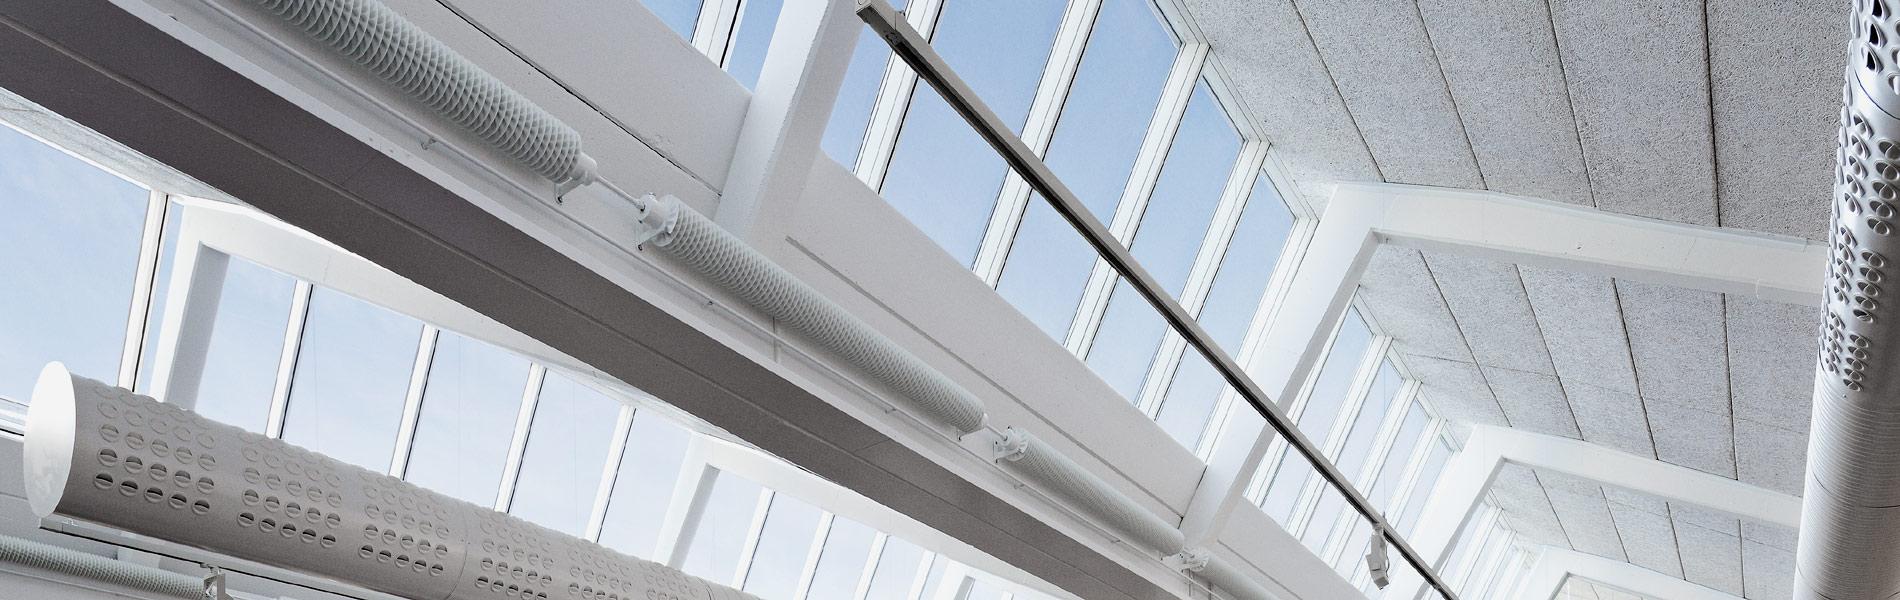 Sheddachverglasung mit VELUX Fenstern